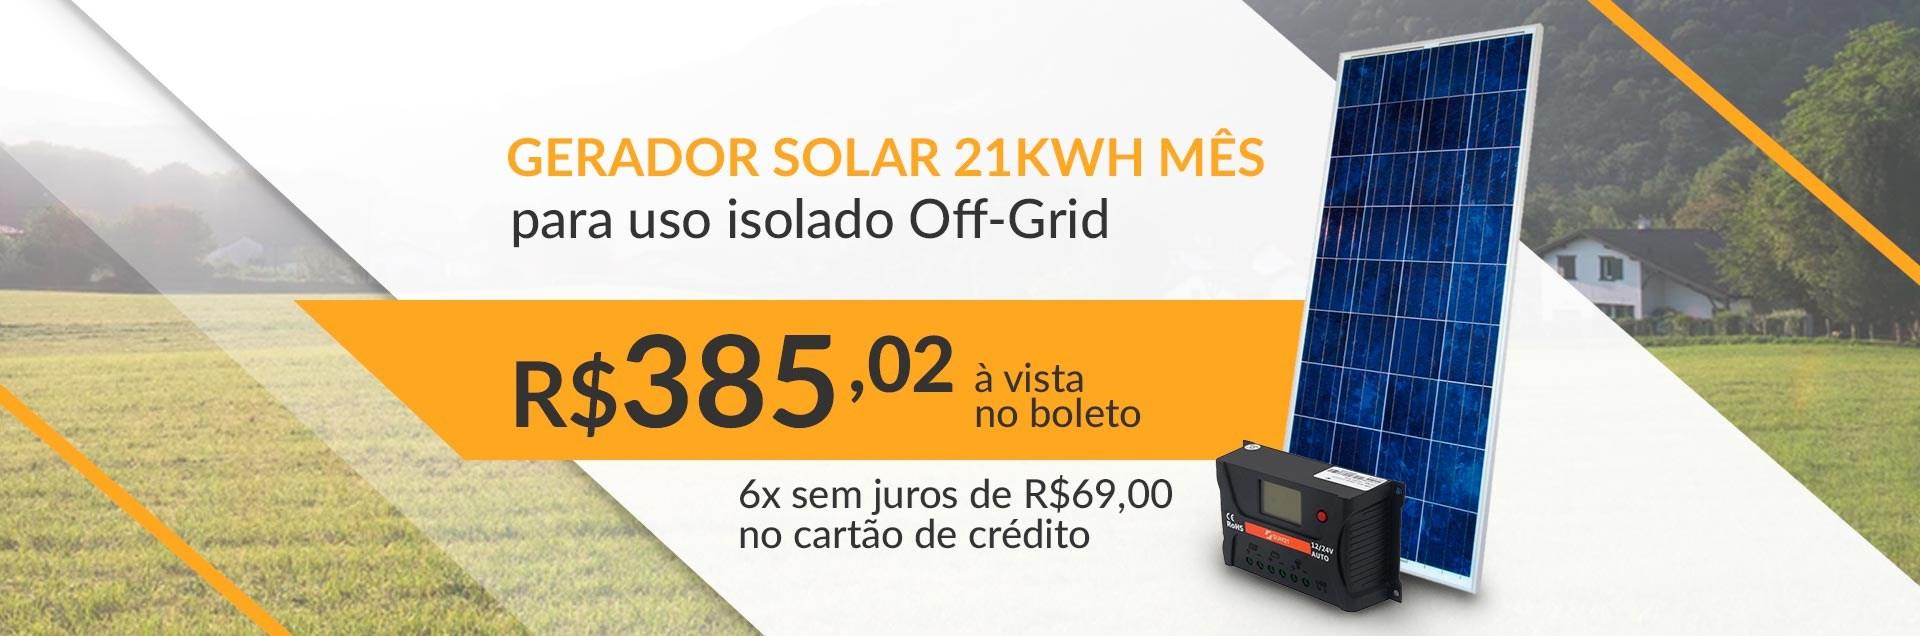 Gerador Solar Off-Grid - Junho